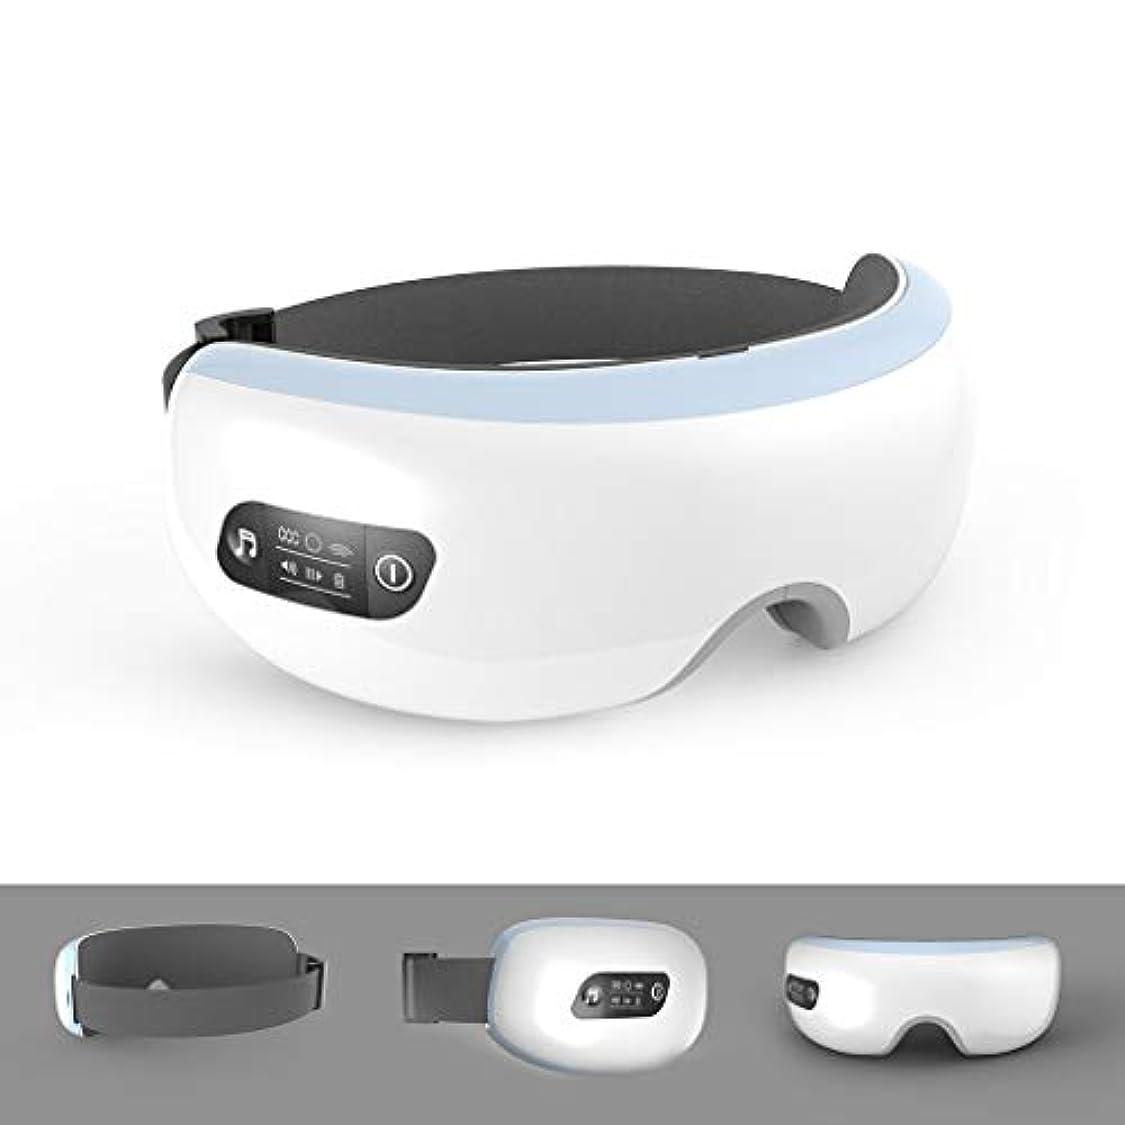 ゲージ再集計病院アイマッサージャープレッシャー付アイマッサージャー振動マッサージミュージック赤外線温熱療法ポータブル機能アイバッグを排除、アイ磁気遠赤外線加熱ケア